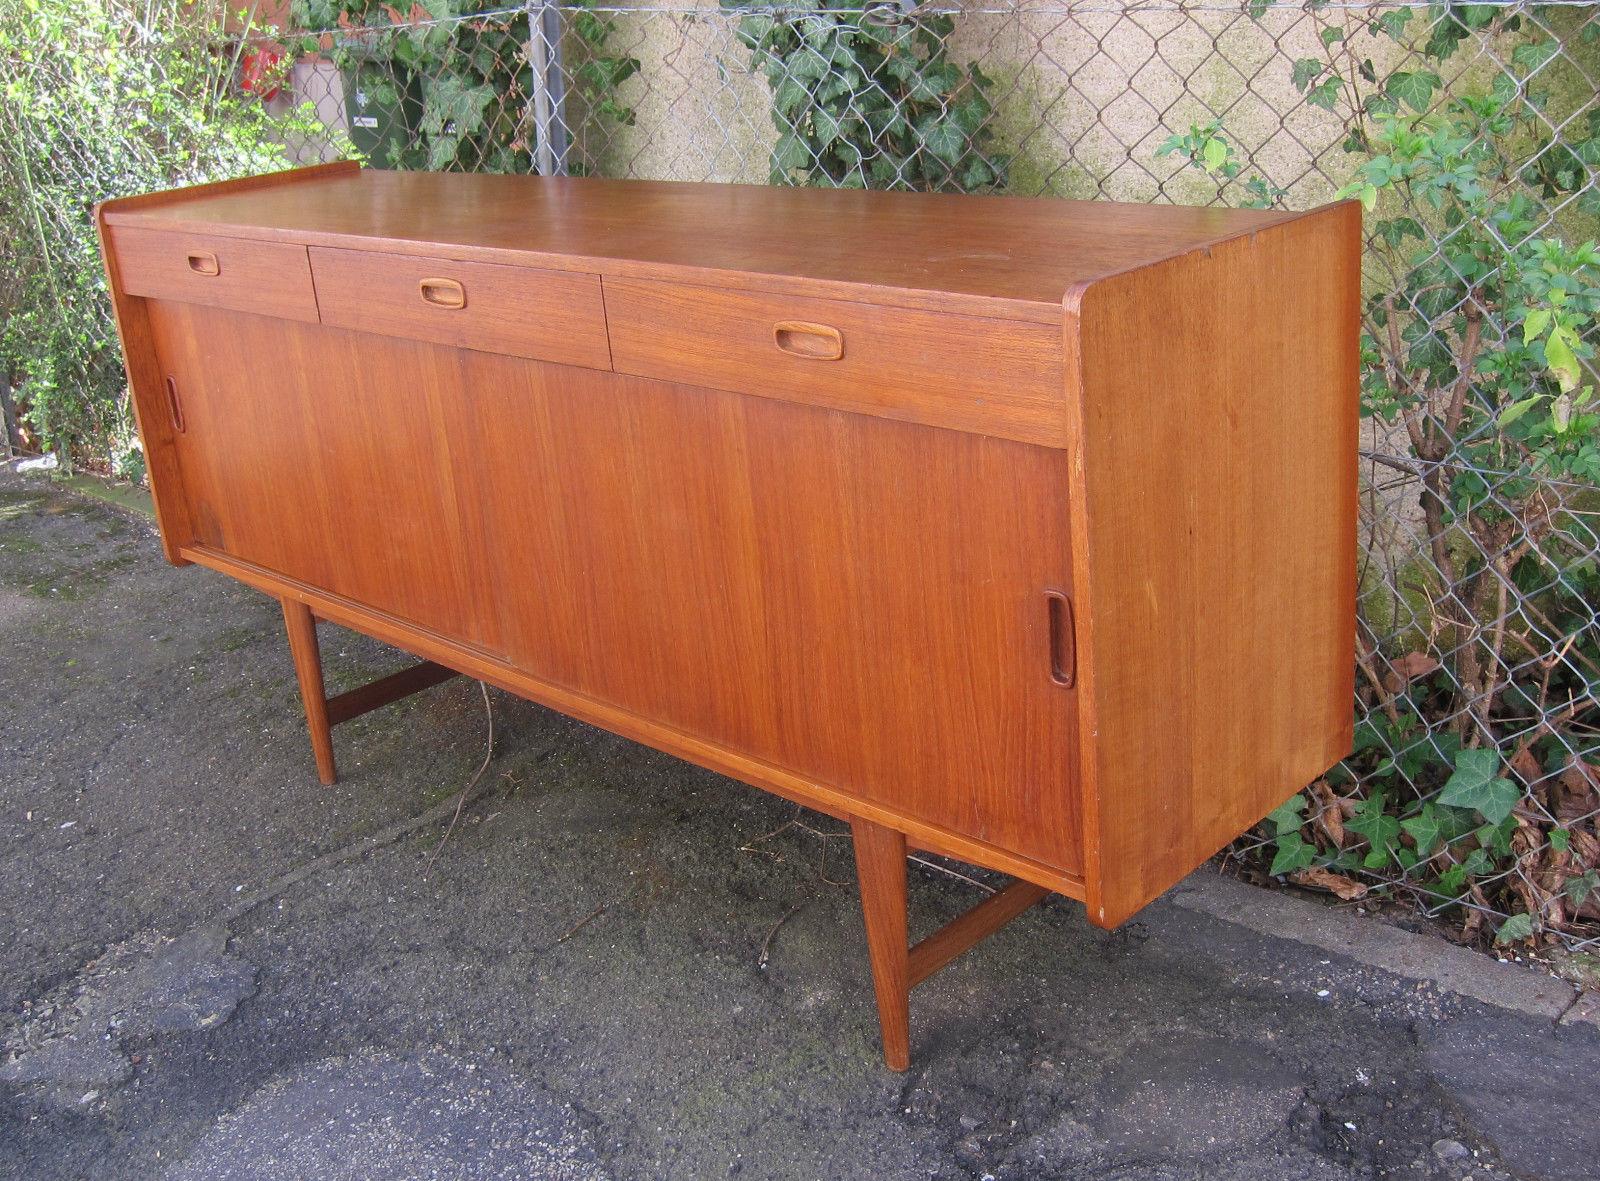 Holz streichen wie 50er/60er Jahre Möbel | Selbst.de DIY Forum